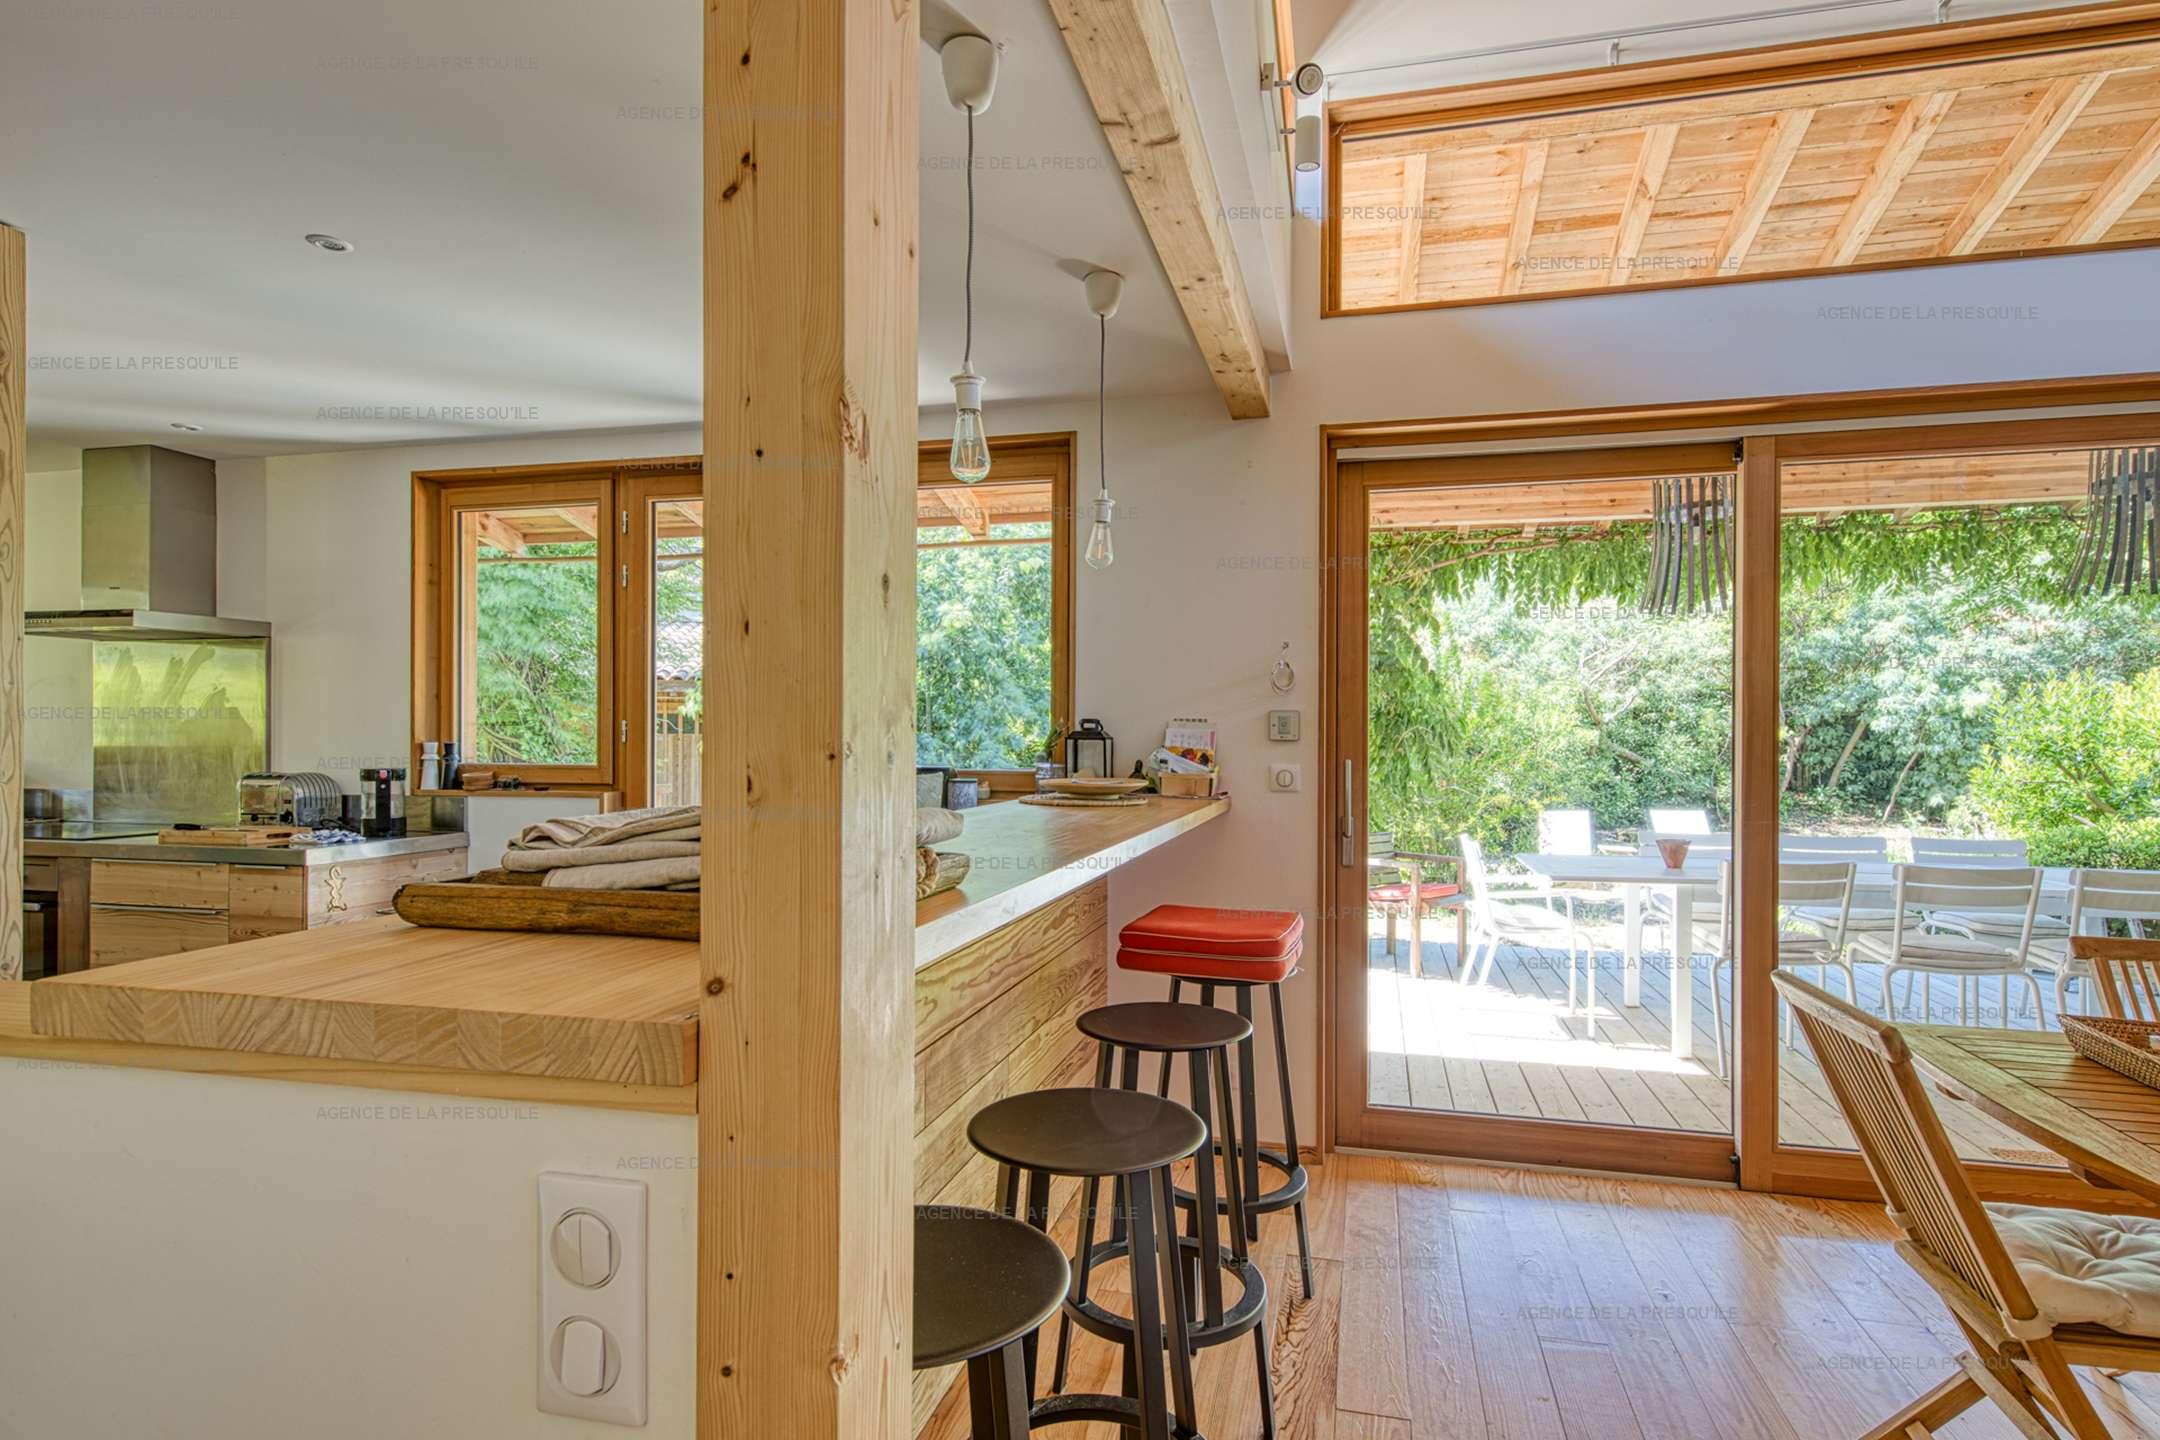 Location: Charmante villa neuve en bois aux 44 hectares 5